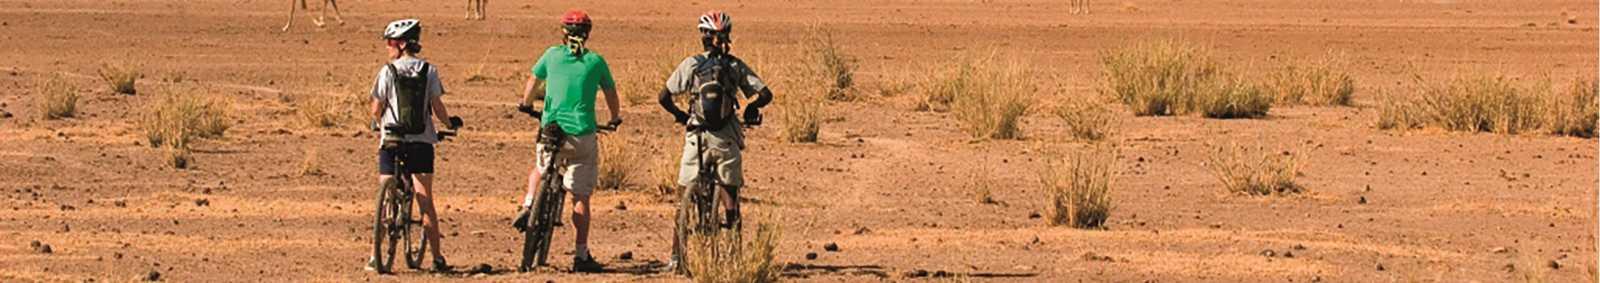 cycling safari